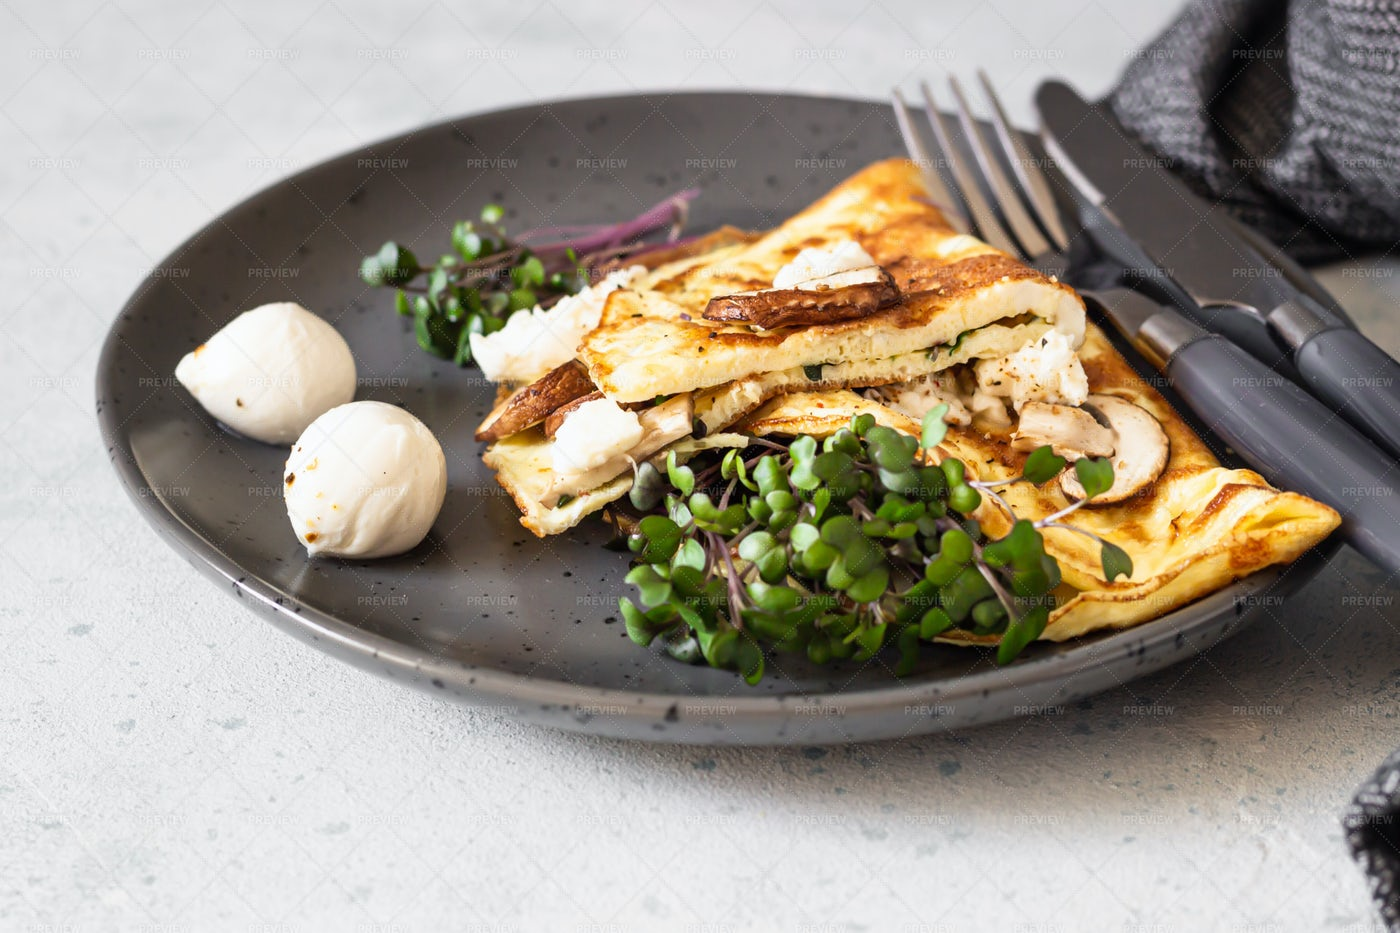 Egg Omelette With Mushroom: Stock Photos